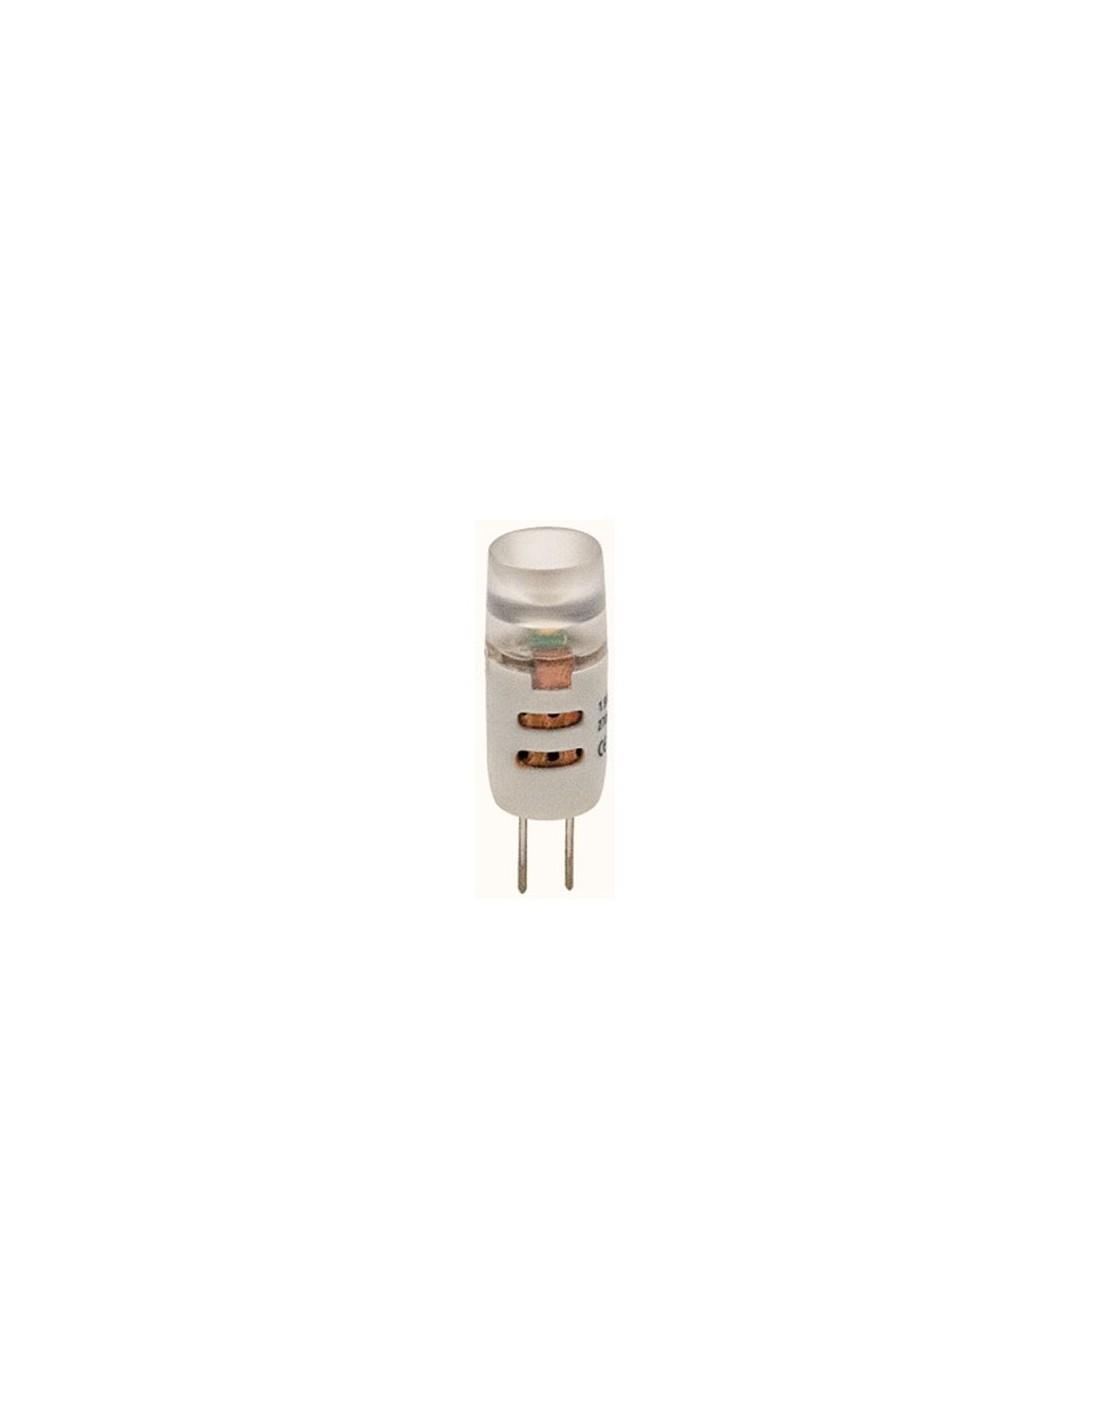 Lampada a led 1,5W bianco caldo G4 diametro 10 mm -> Lampade A Led Obi